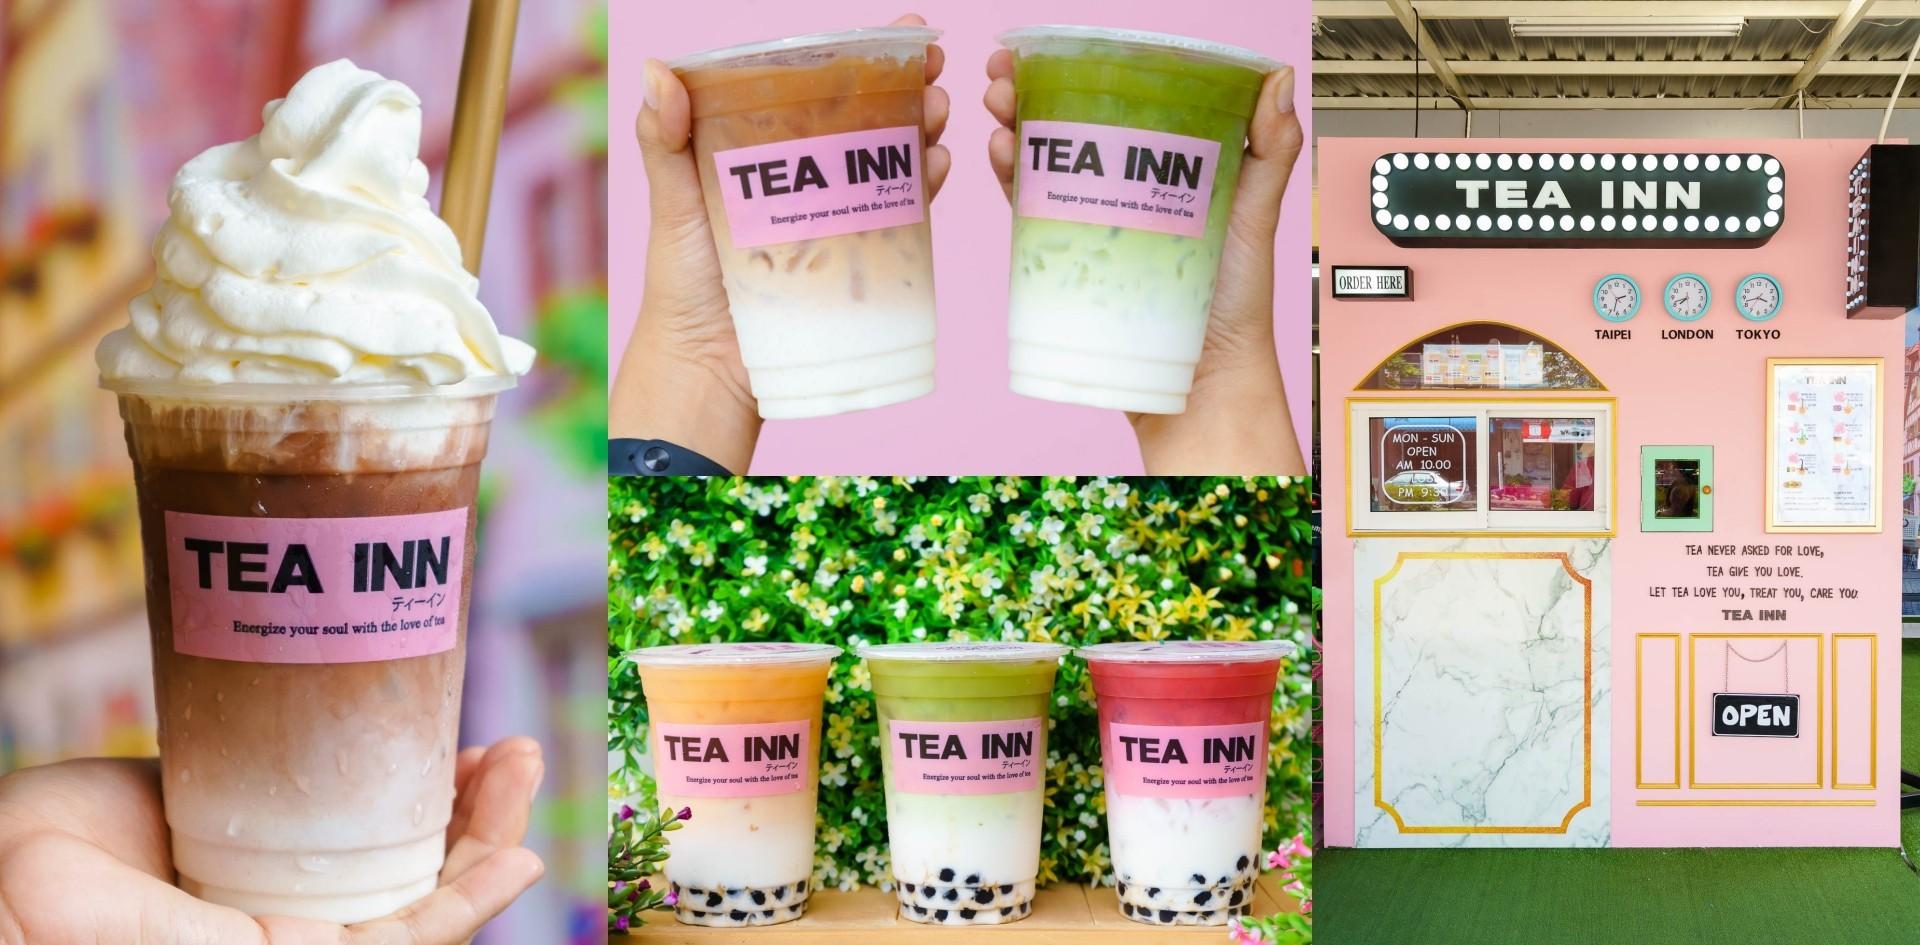 """[รีวิว] ร้านชาไข่มุกภูเก็ต นุ่มละมุนทุกรสชาติ ที่ร้าน """"TEA INN"""" ภูเก็ต"""